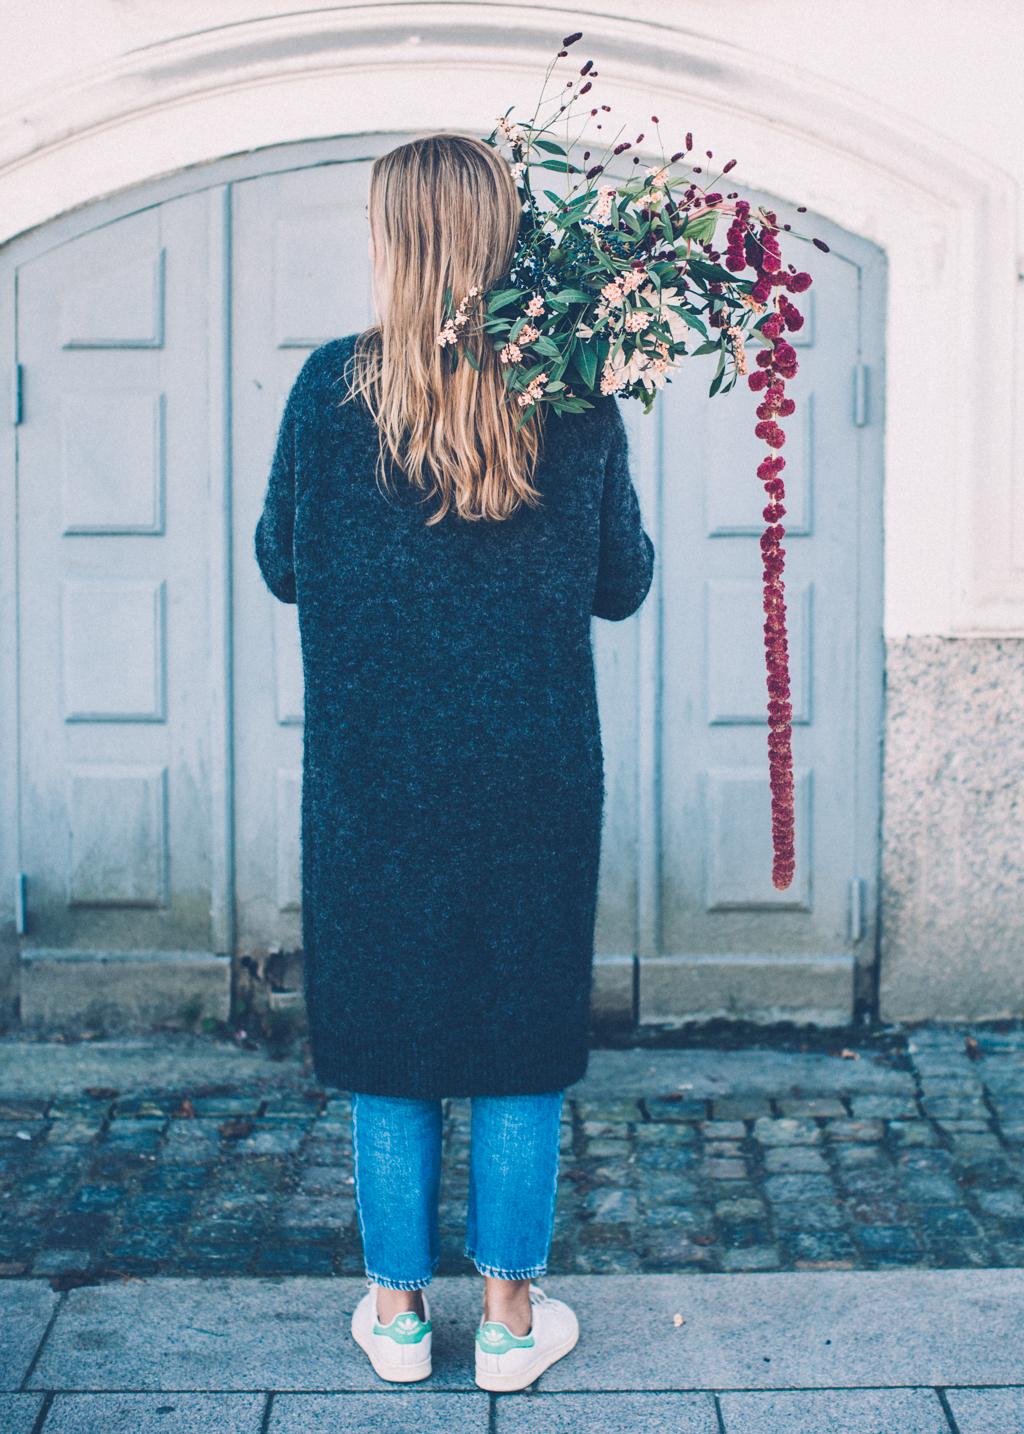 bukett_Kristin_ lagerqvist-3094